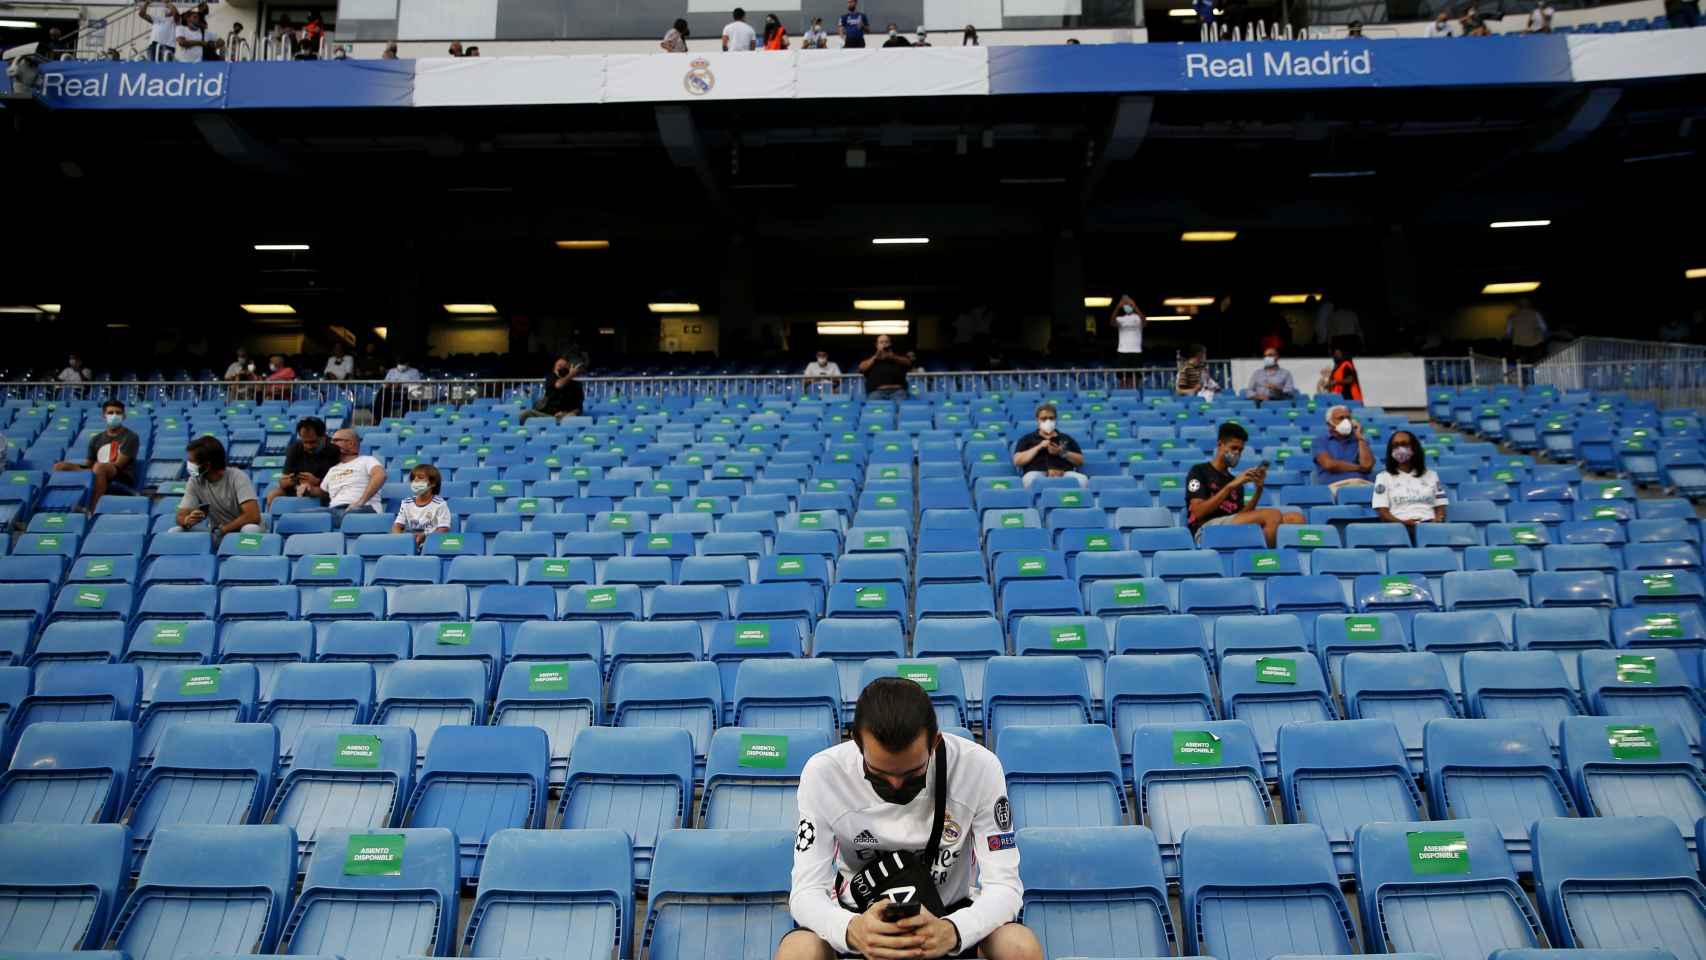 El público en el Santiago Bernabéu para el Real Madrid - Celta